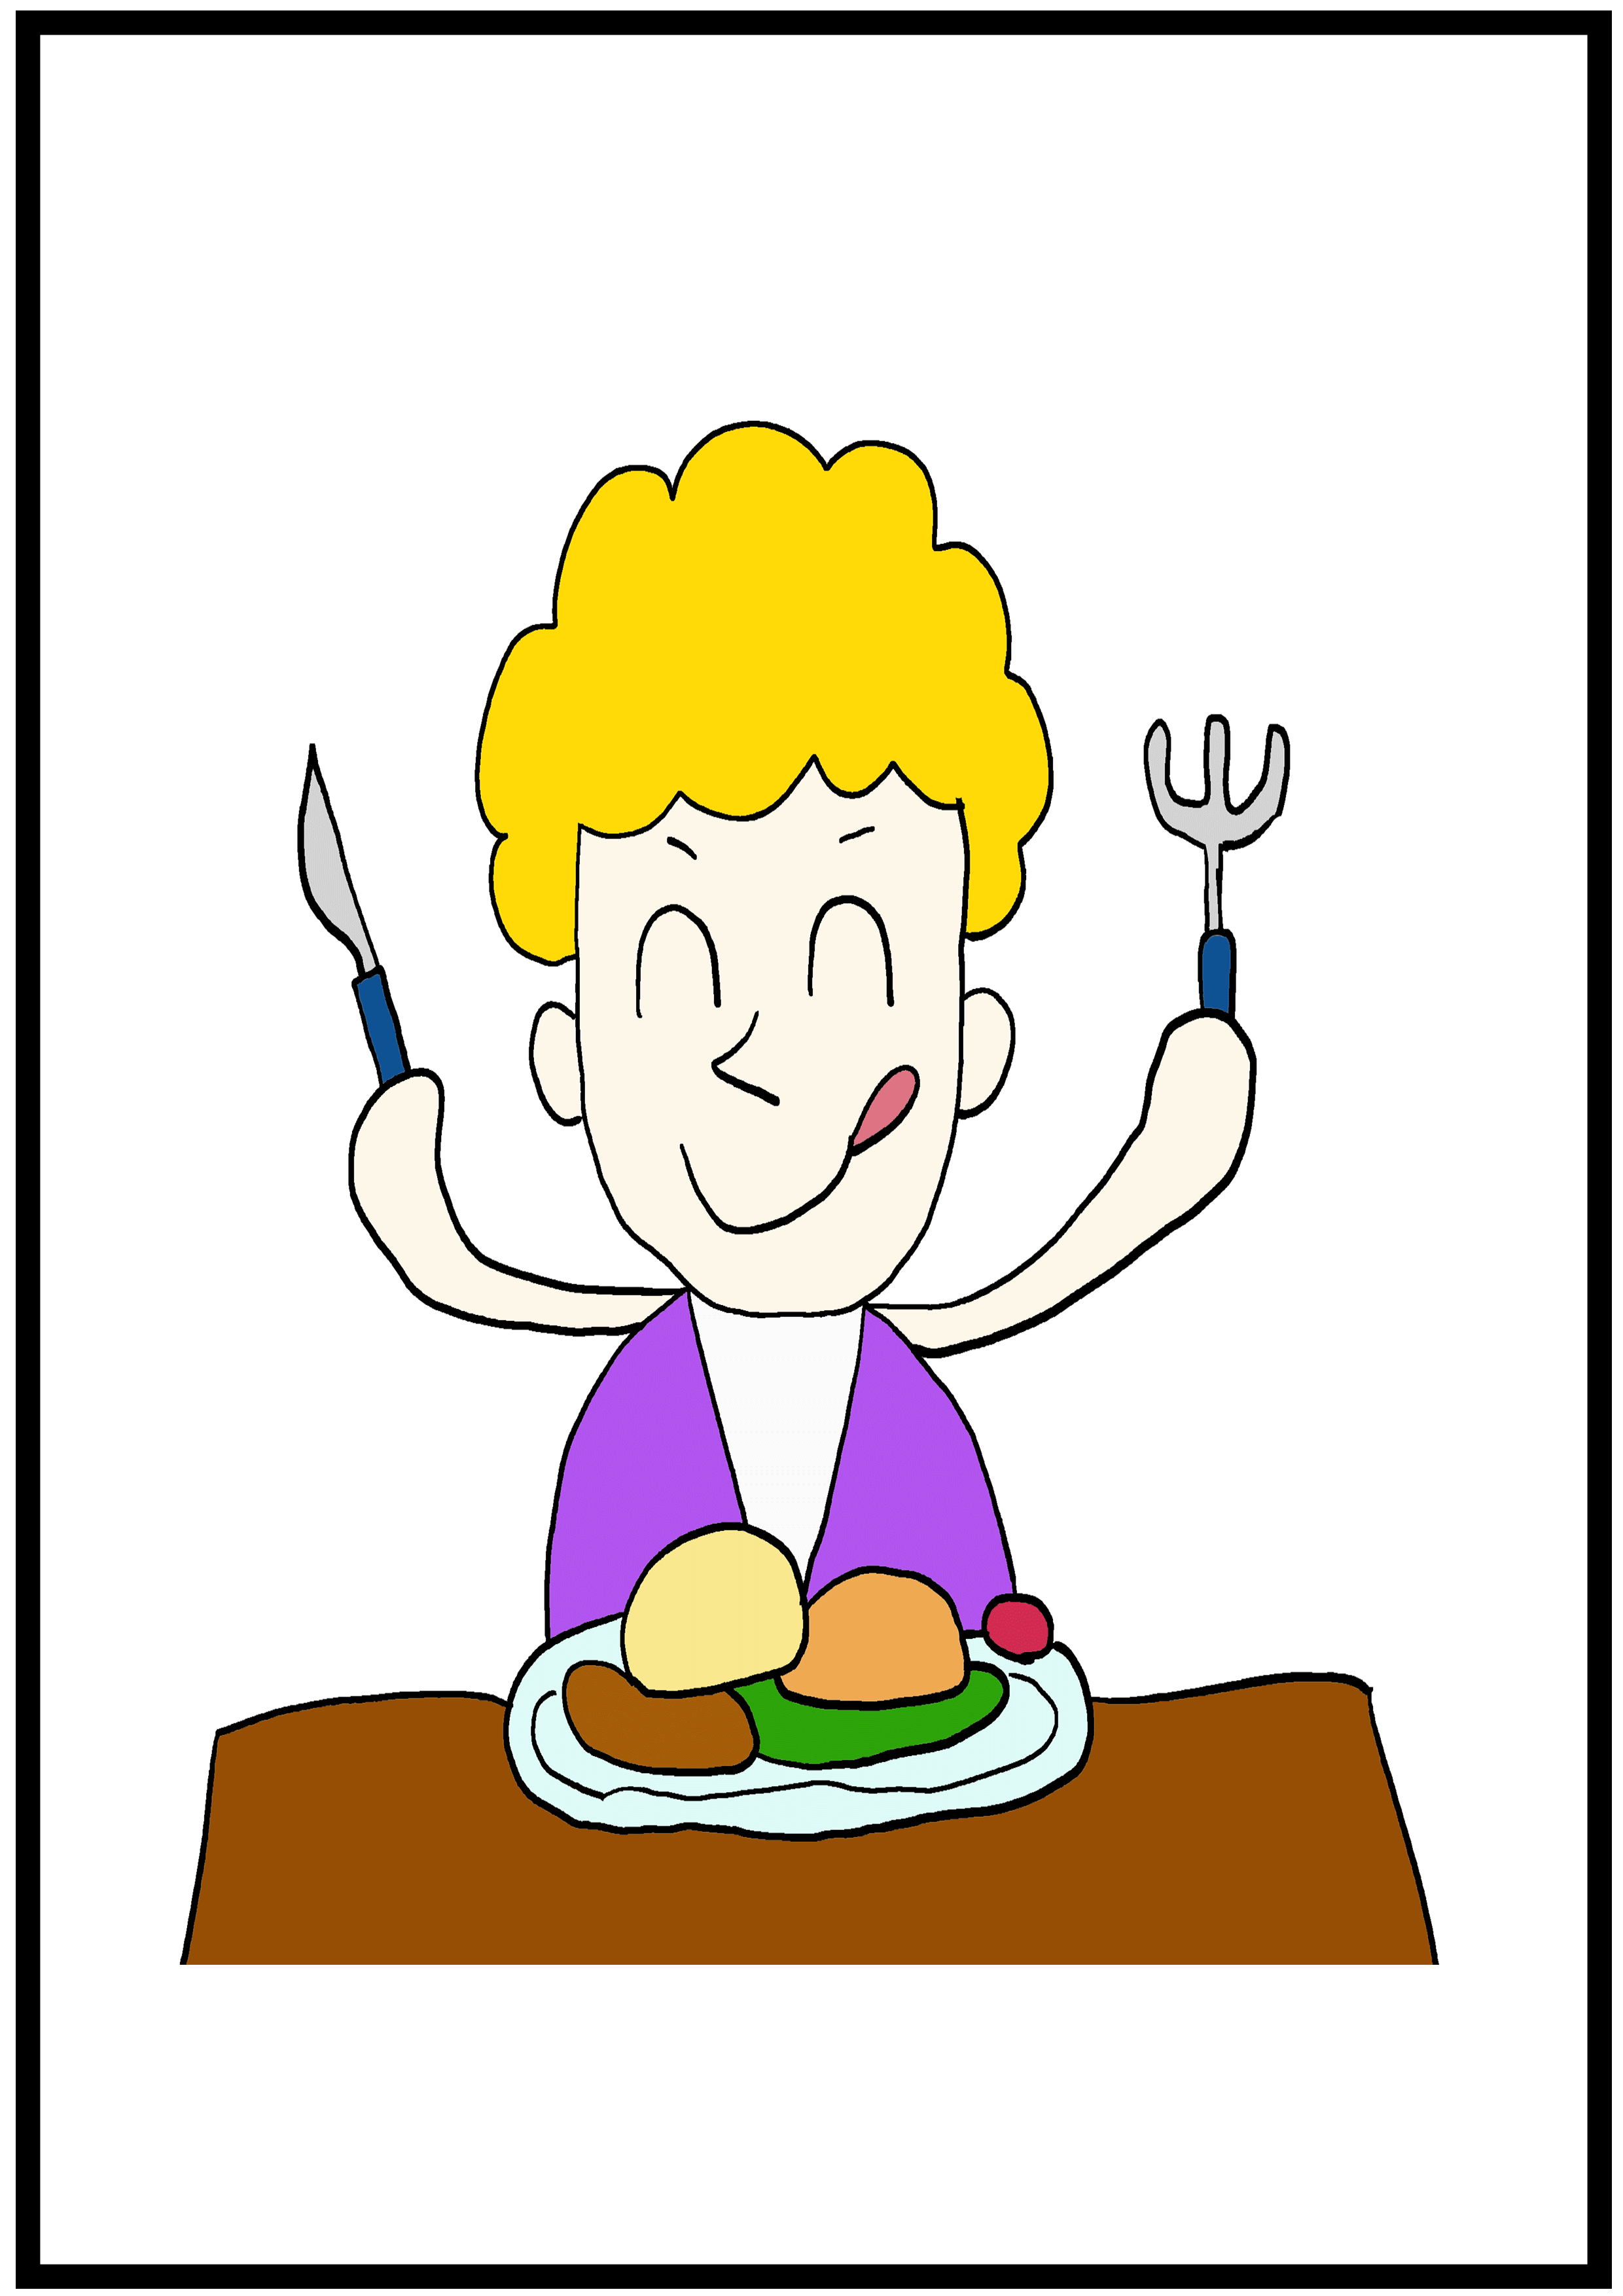 イラスト【ご飯を食べます】